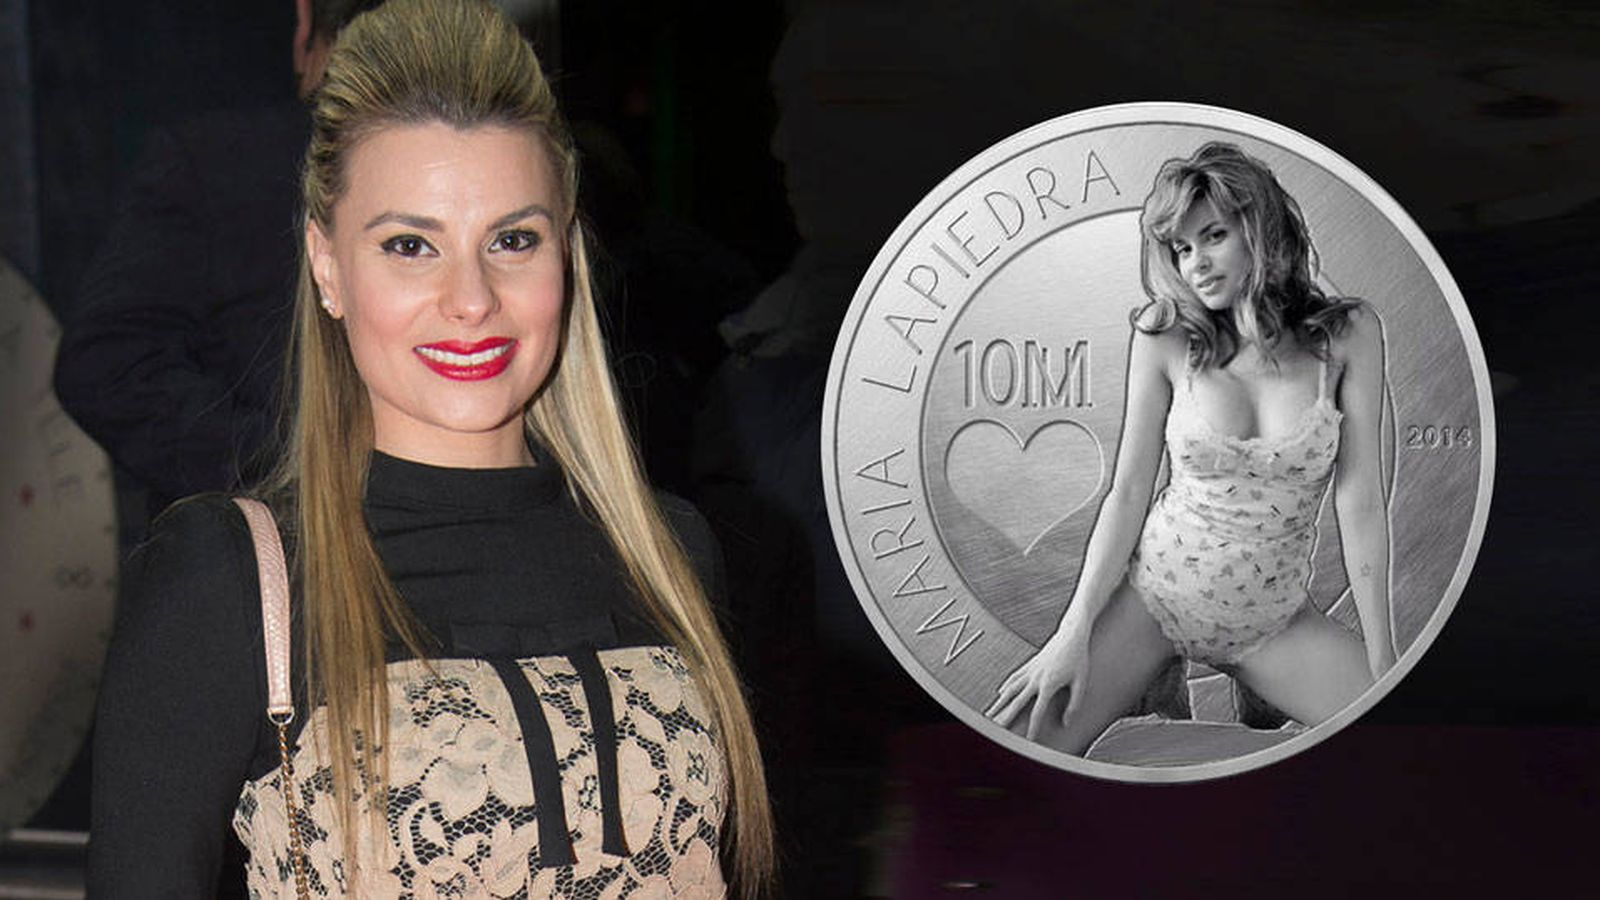 Foto: María Lapiedra y su moneda en un fotomontaje de 'Vanitatis'